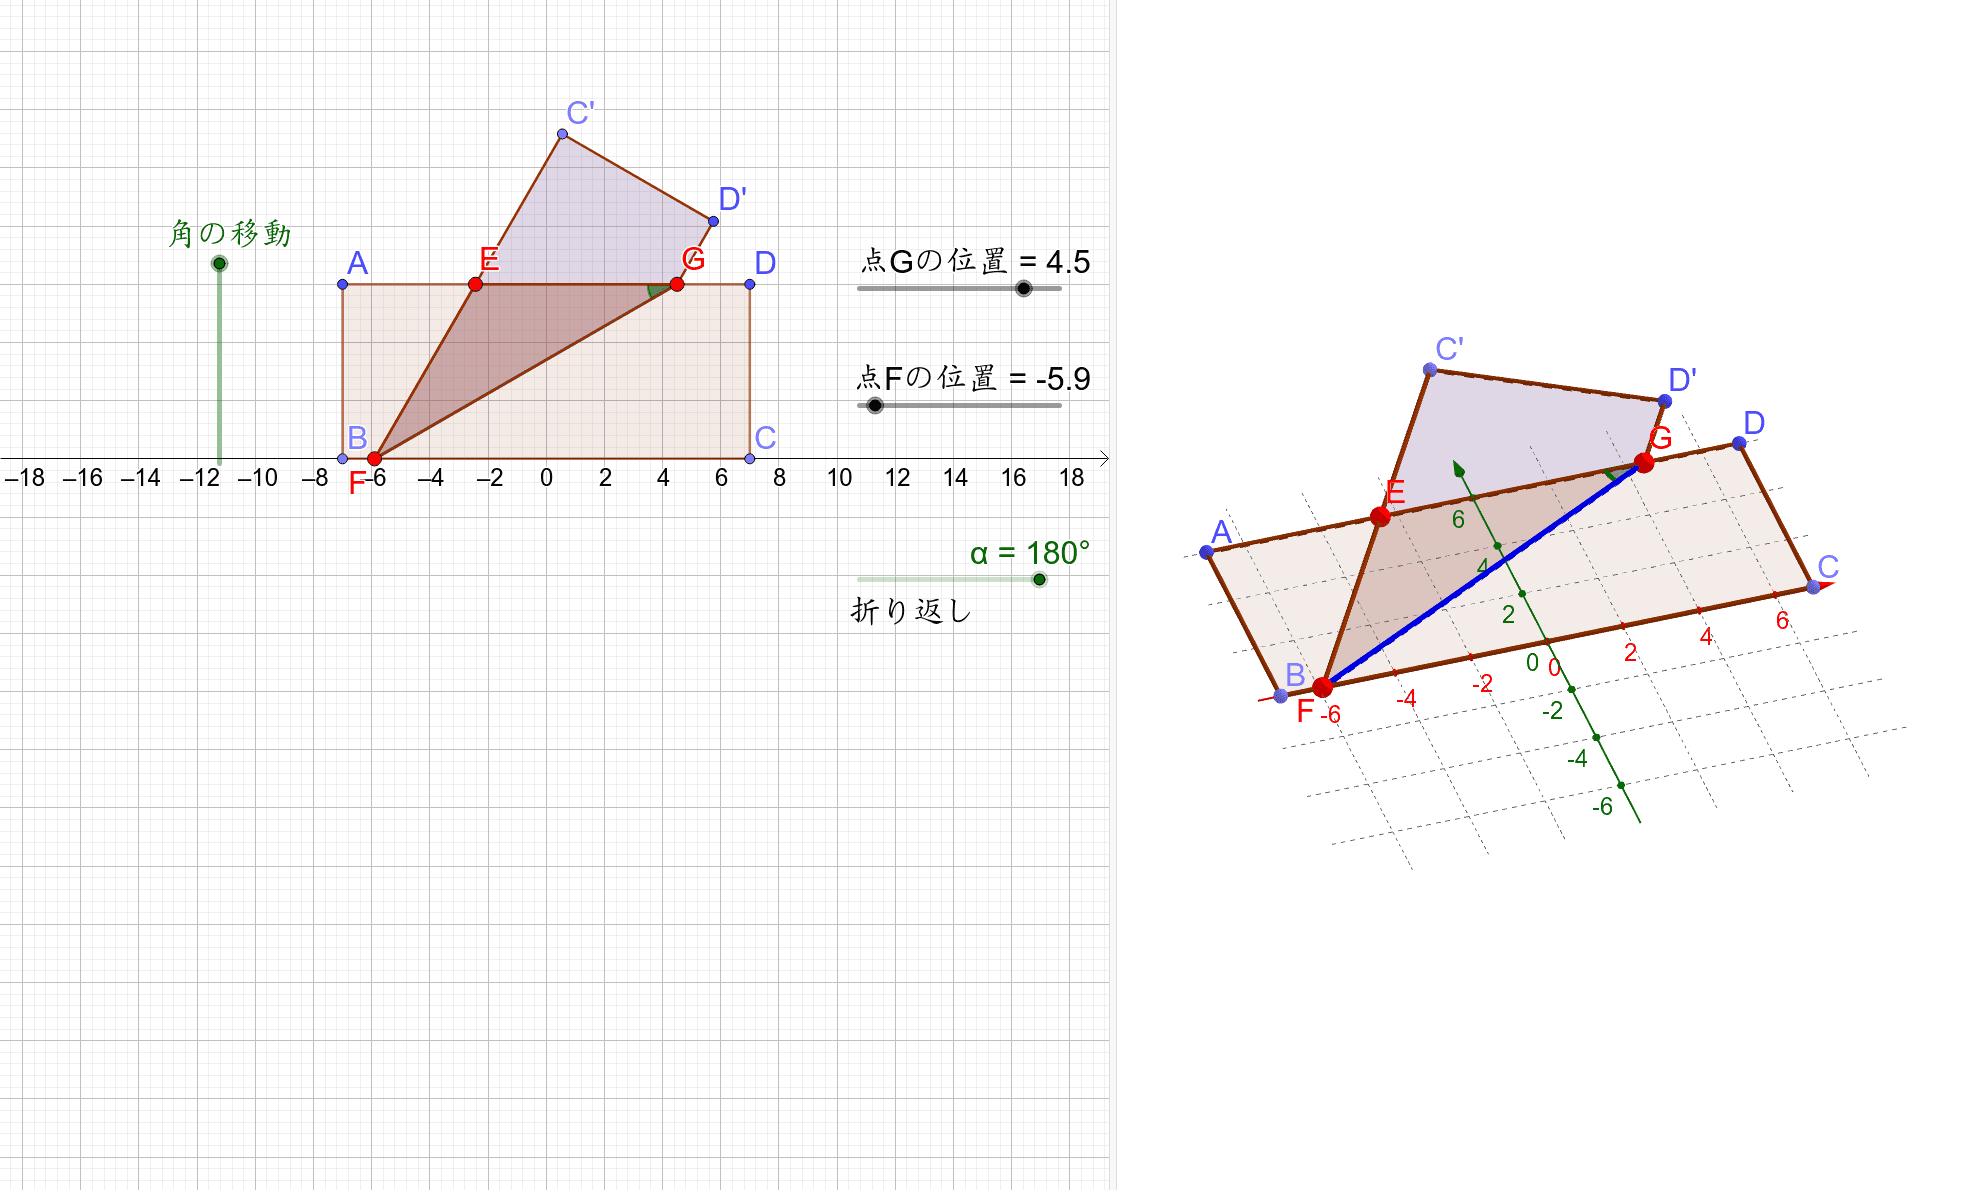 長方形の紙を線分EFで折り返したとき,重なった三角形はどんな三角形ですか?  mobile版は https://www.geogebra.org/m/nzs4n7pc ワークシートを始めるにはEnter キーを押してください。